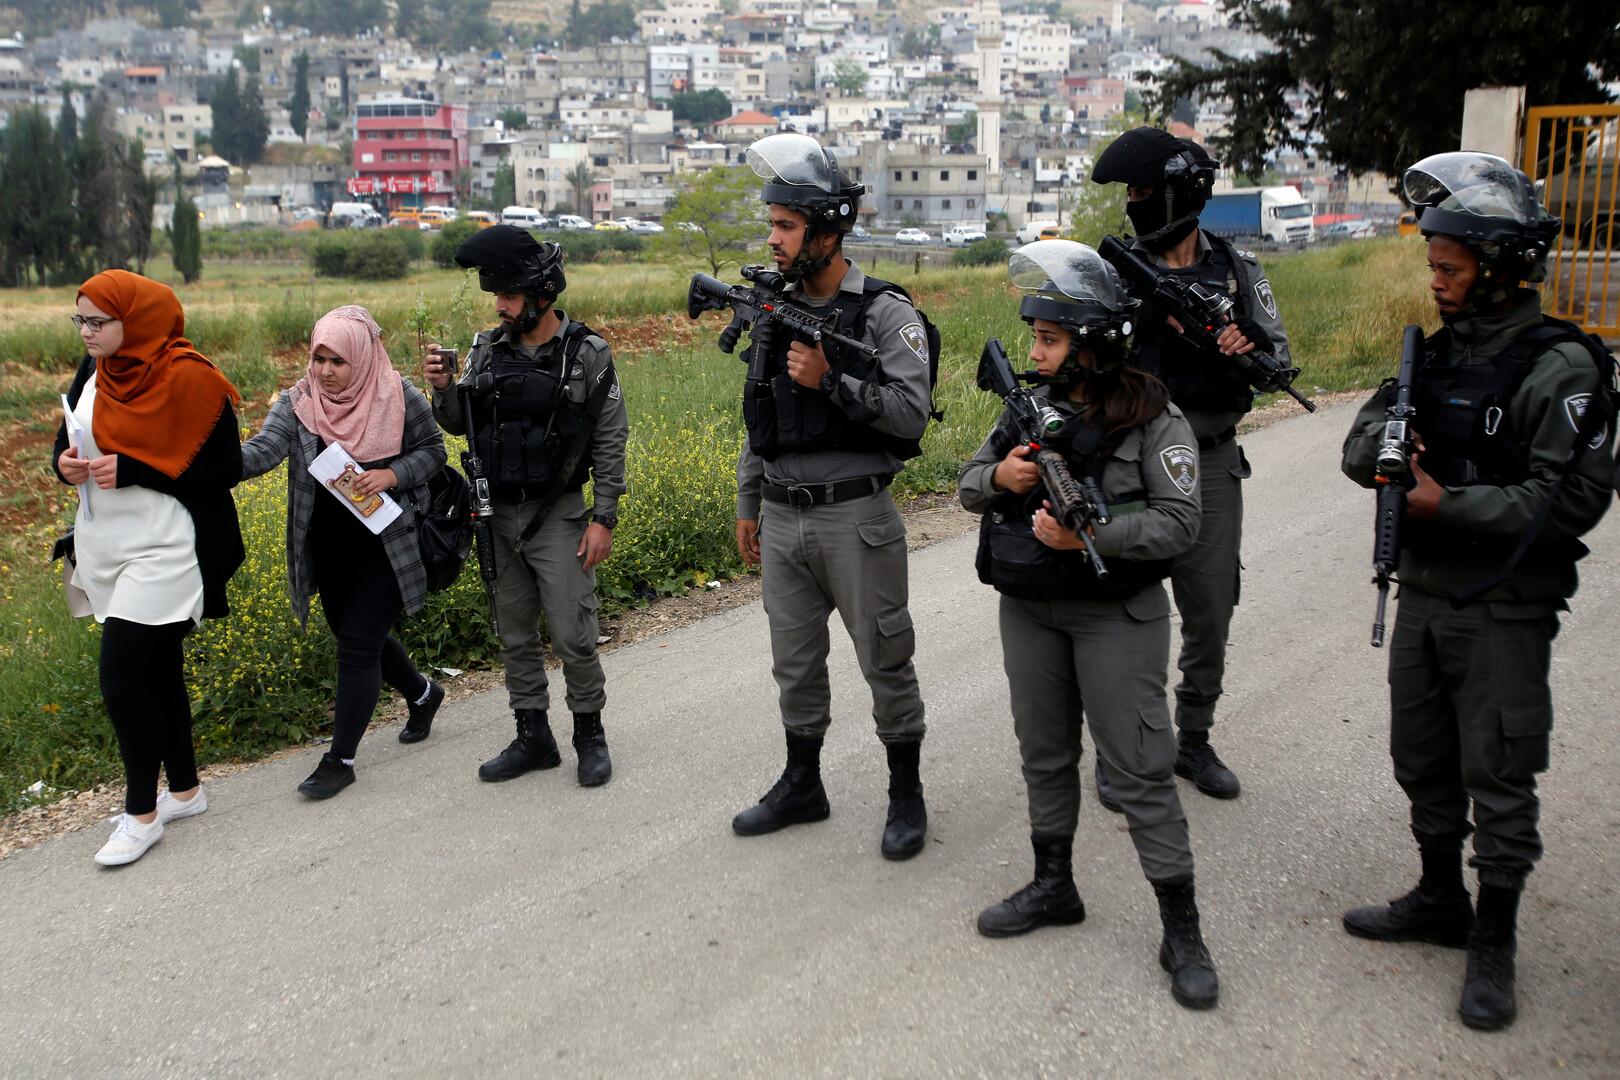 الجيش الإسرائيلي يكثف انتشاره في الخليل تحضيرا لزيارة نتنياهو